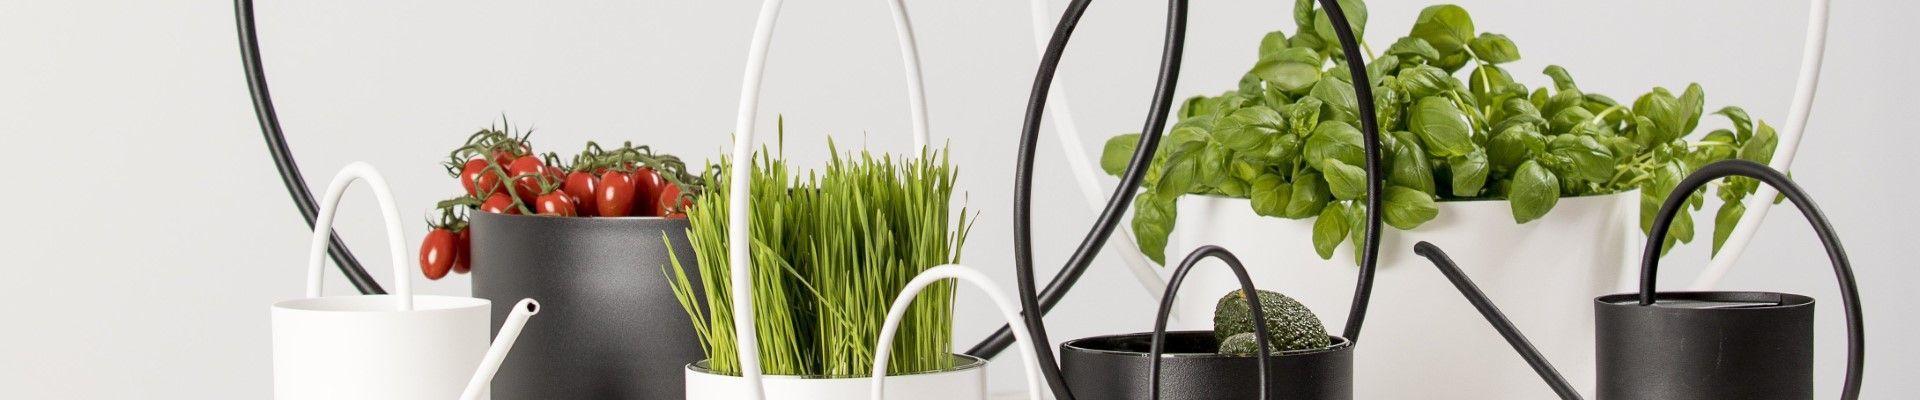 XLBoom plantenbakken